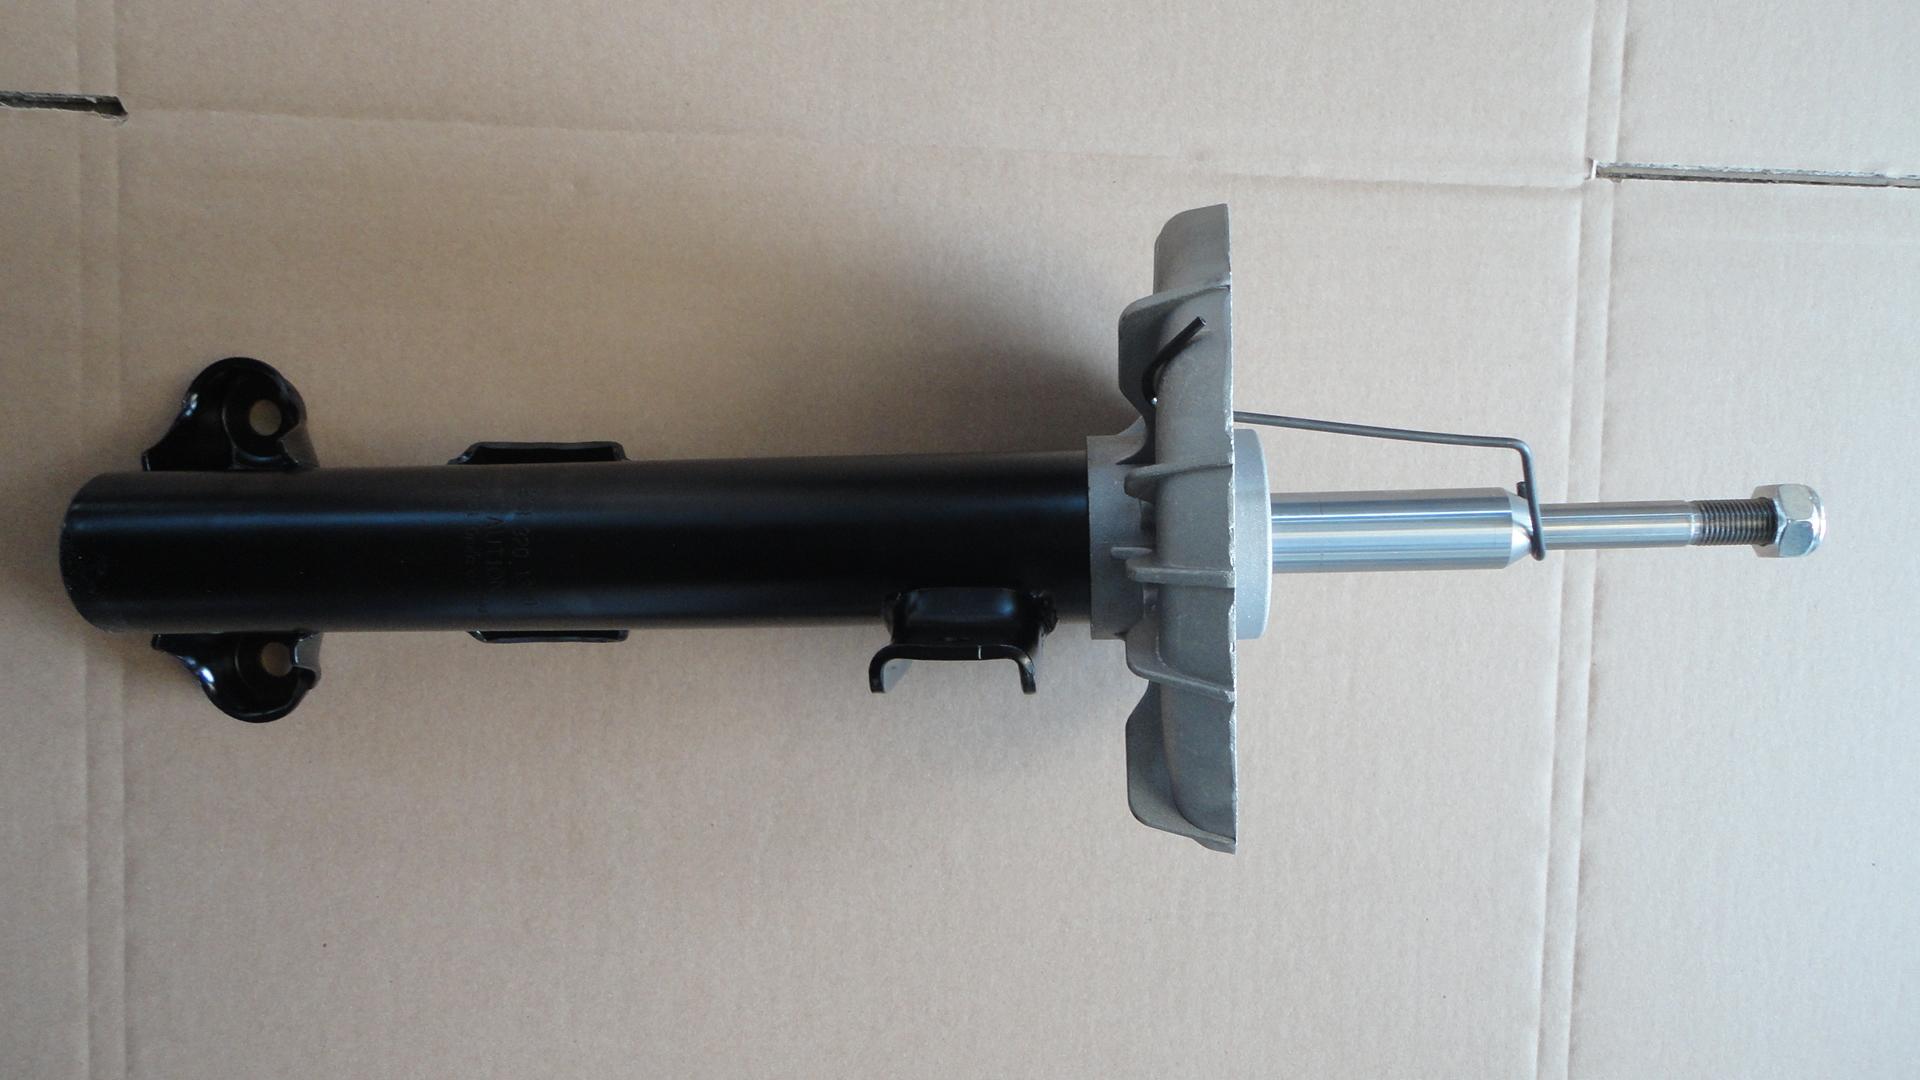 Mercedes Benz C-CLASS(W203) 2033201330 shock absorber